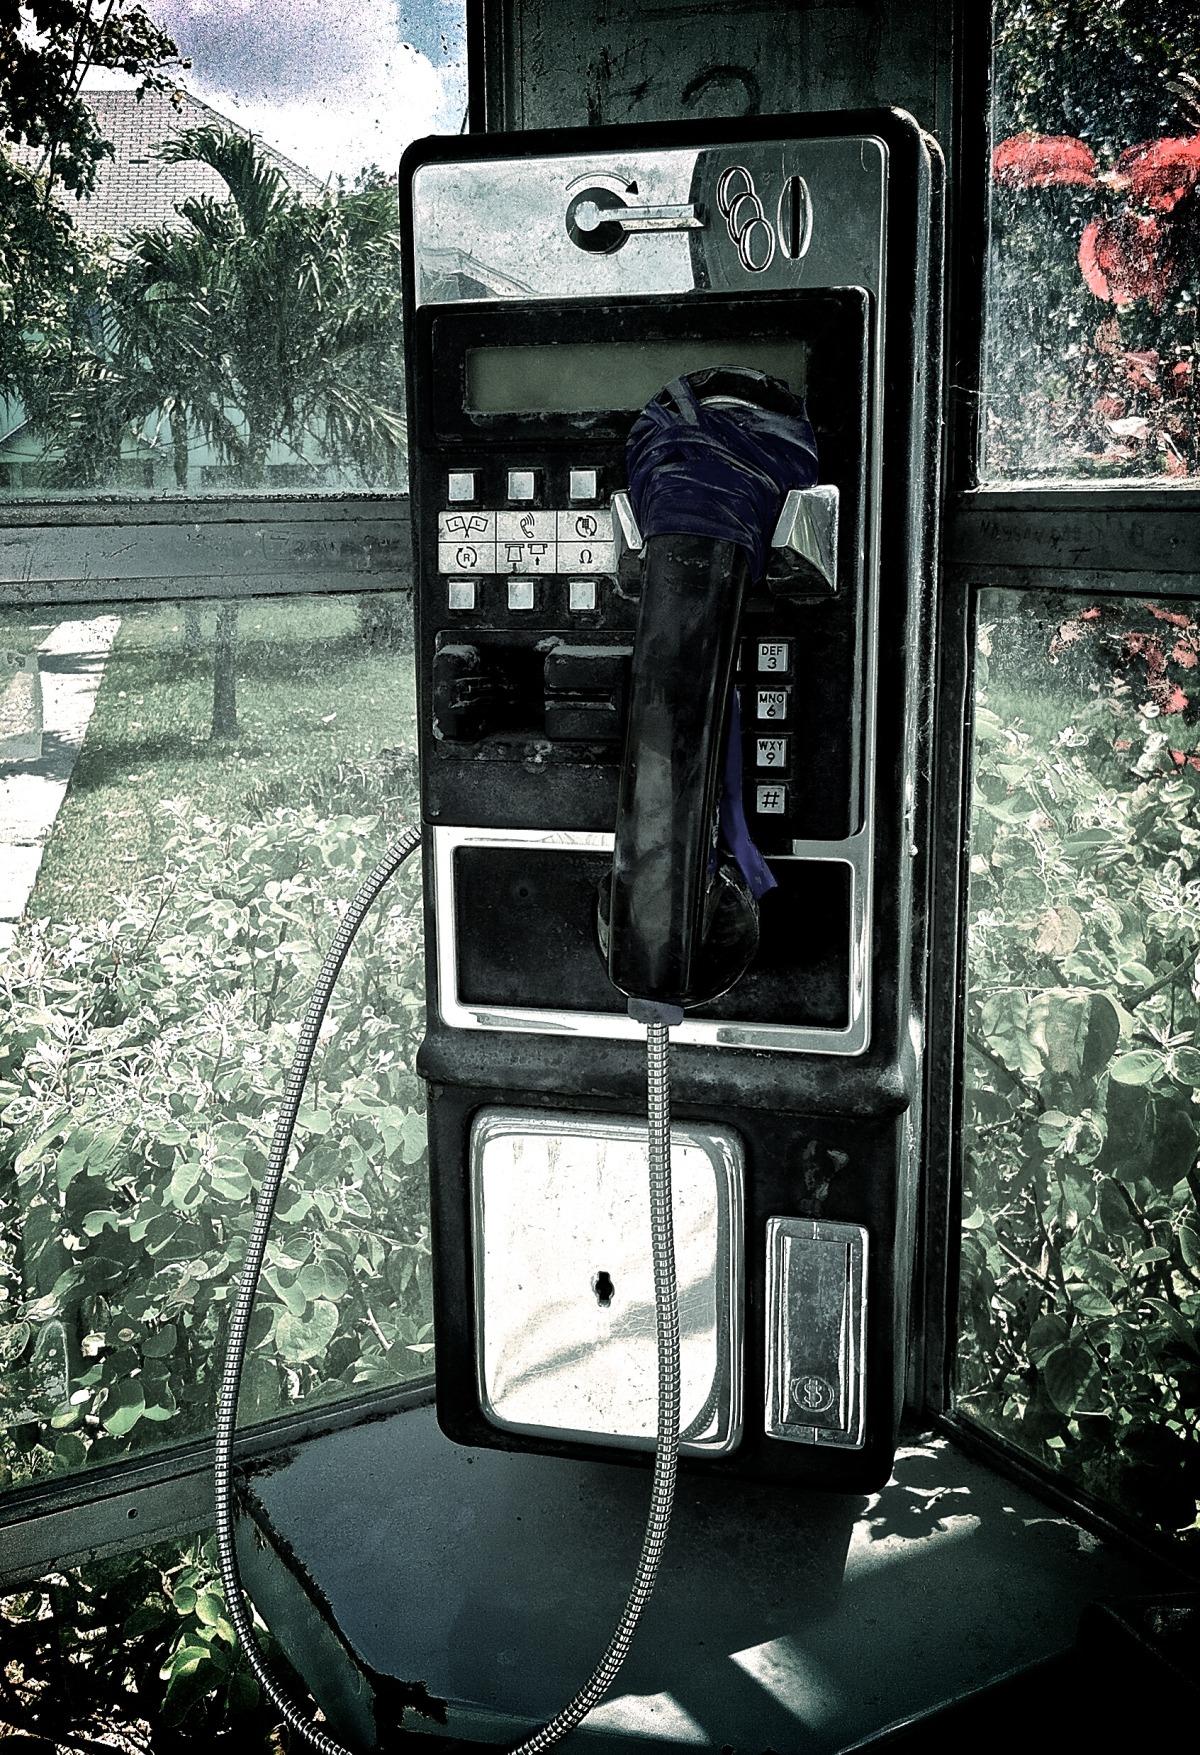 payphone export july 2012 5.jpg